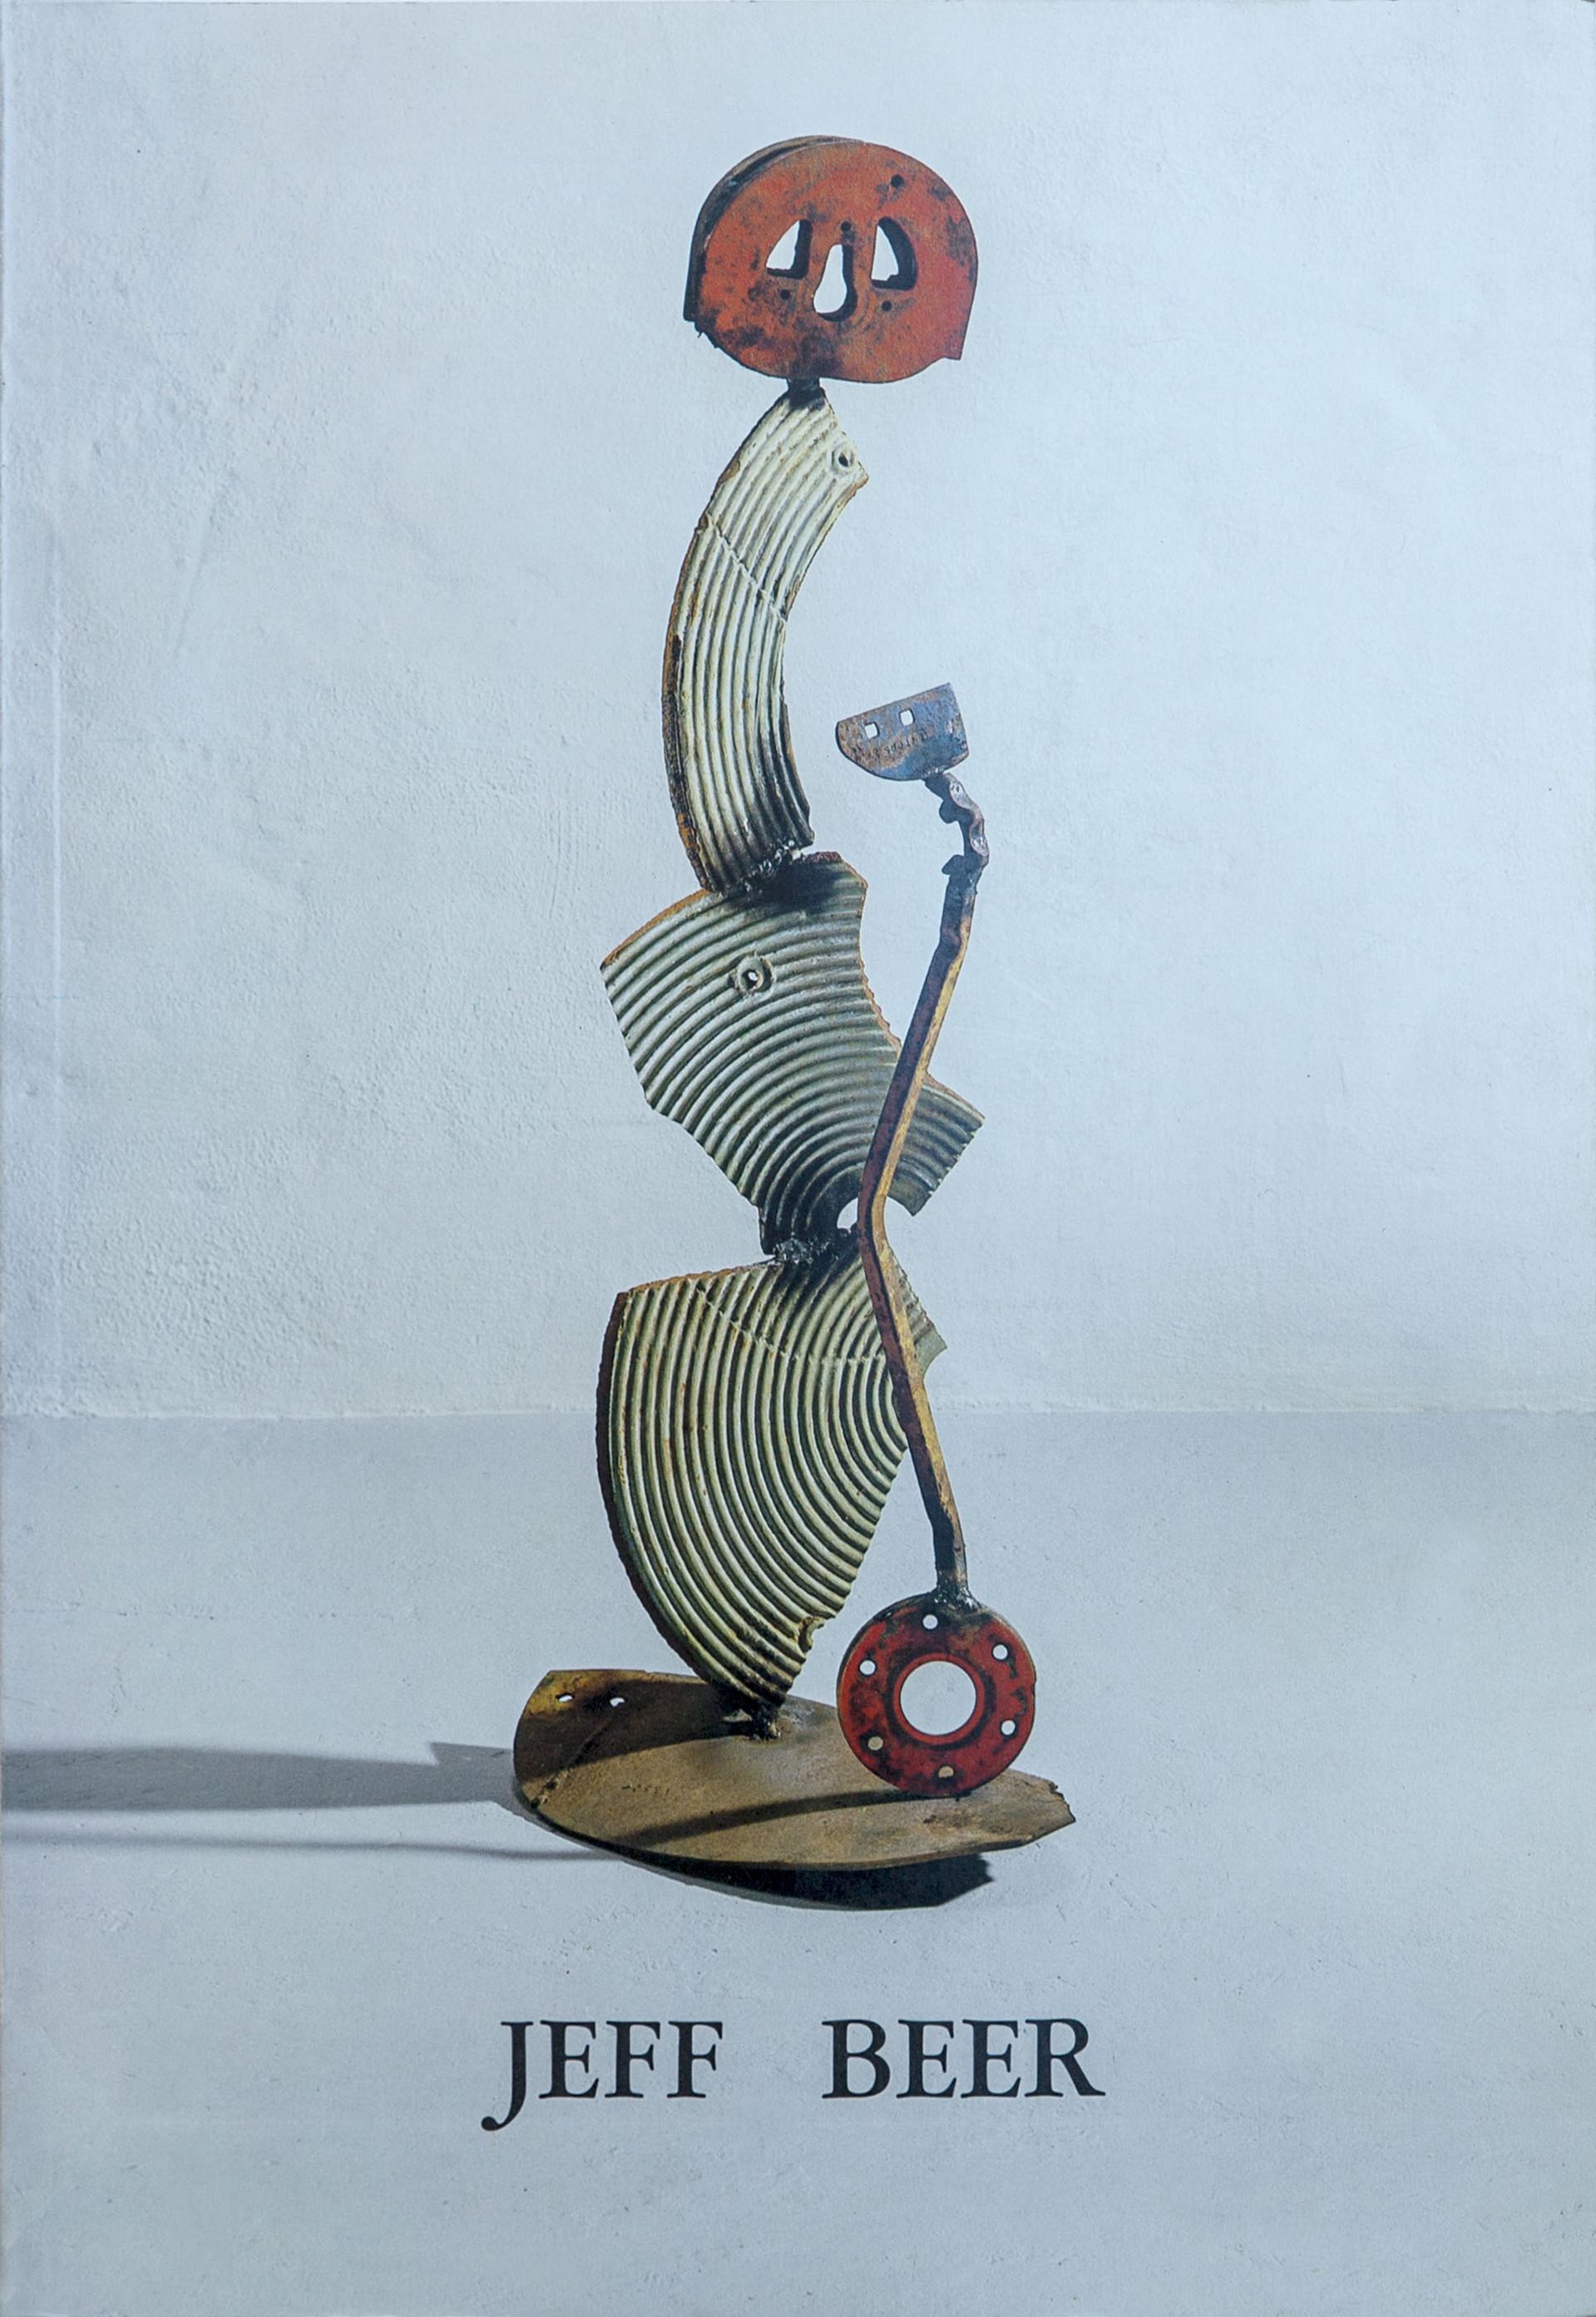 09_Jeff Beer - Skulpturen II, hg. Galeri